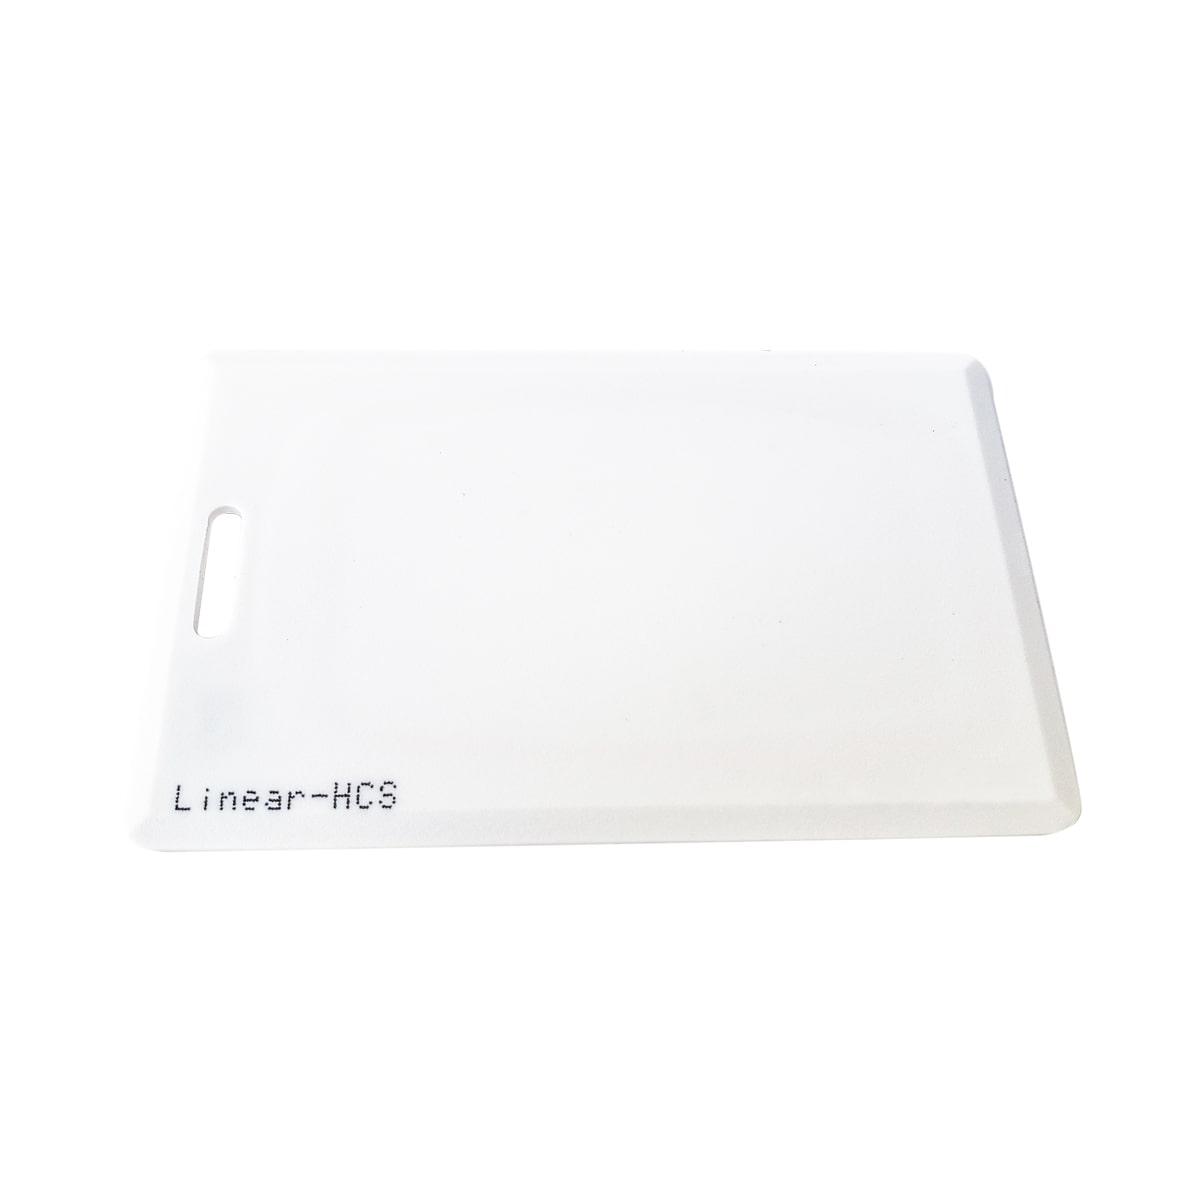 Cartão de Proximidade Clamshell Linear-HCS - Kit 10 peças  - CFTV Clube | Brasil